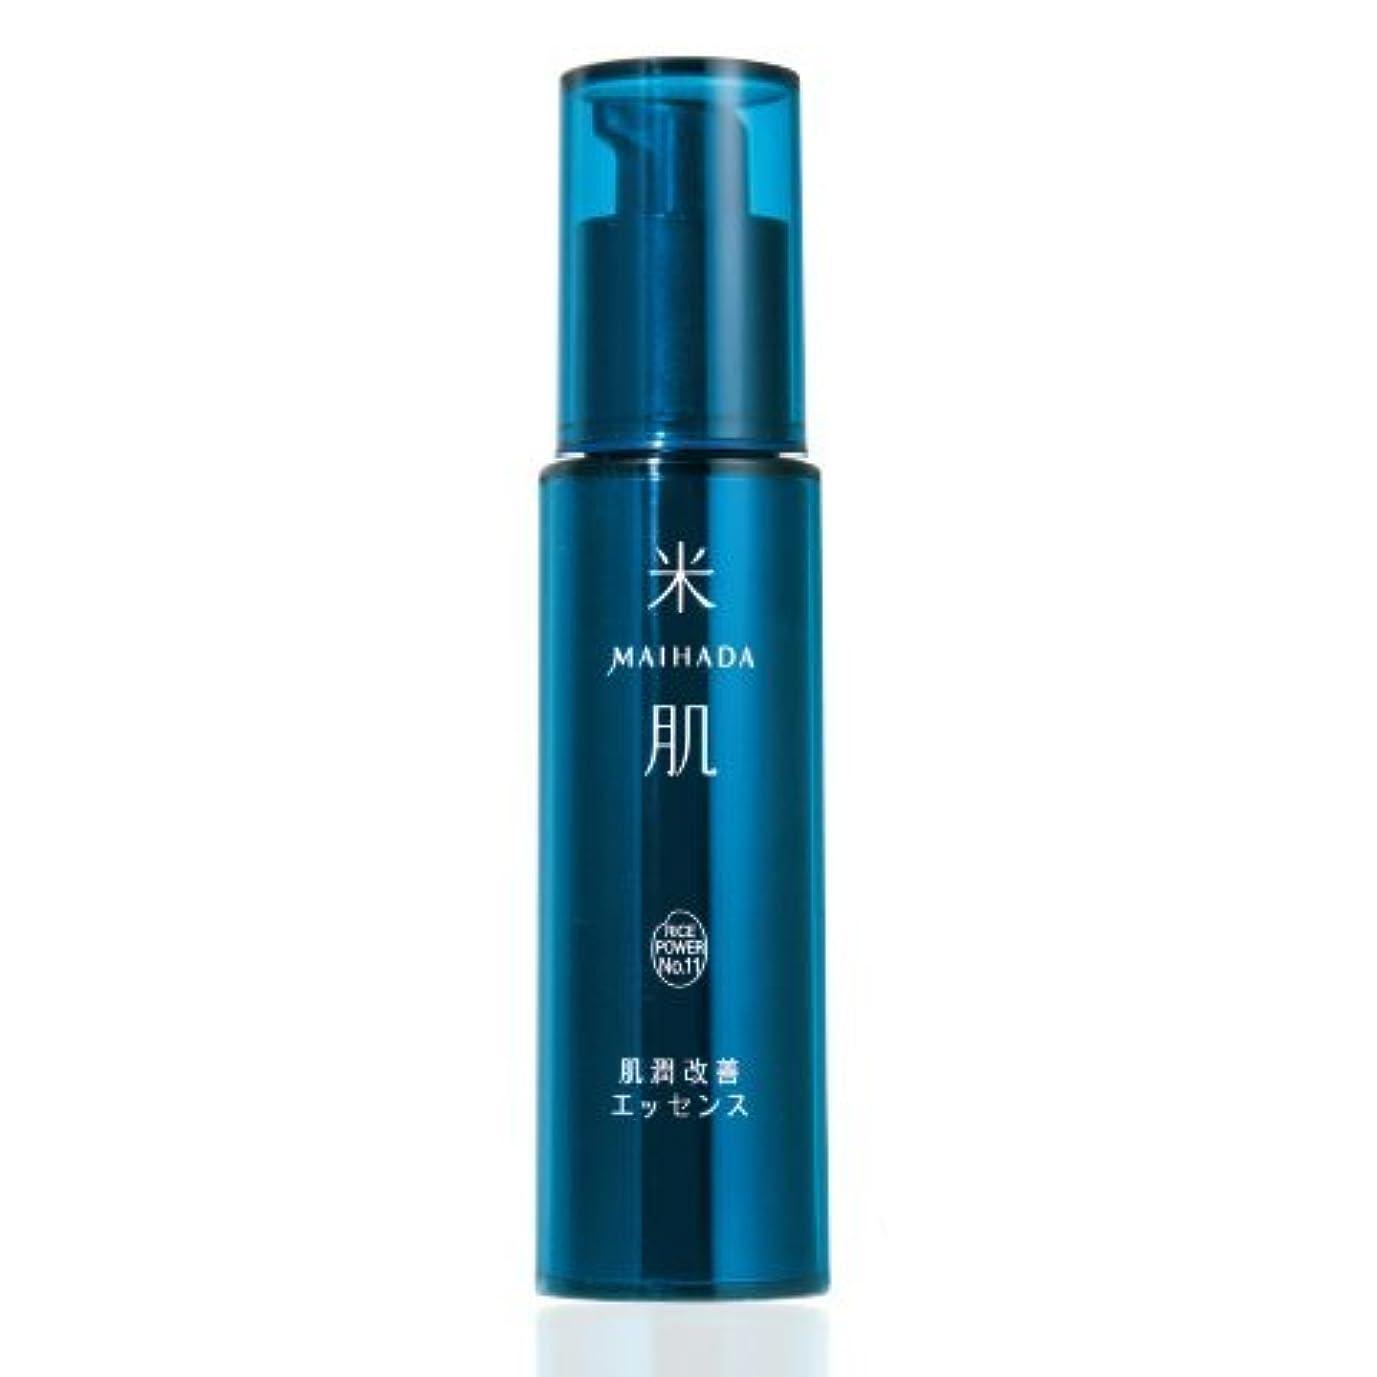 気づかないふさわしい絵米肌(MAIHADA) 肌潤改善エッセンス コーセー KOSE